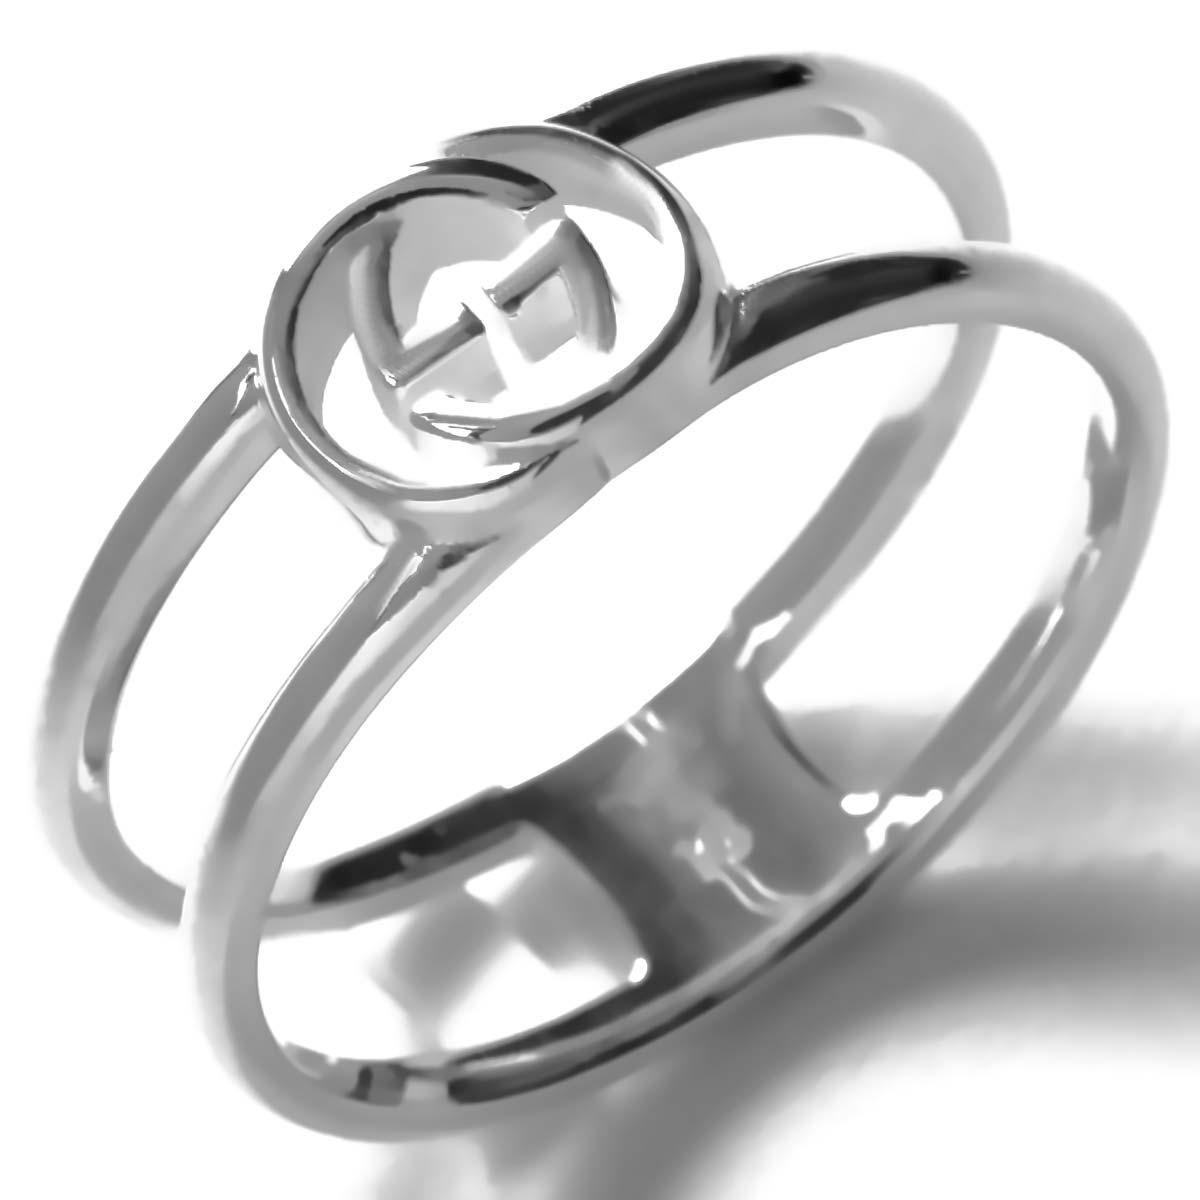 グッチ リング【指輪】 アクセサリー メンズ レディース インターロッキングG シルバー 298036 J8400 8106 GUCCI